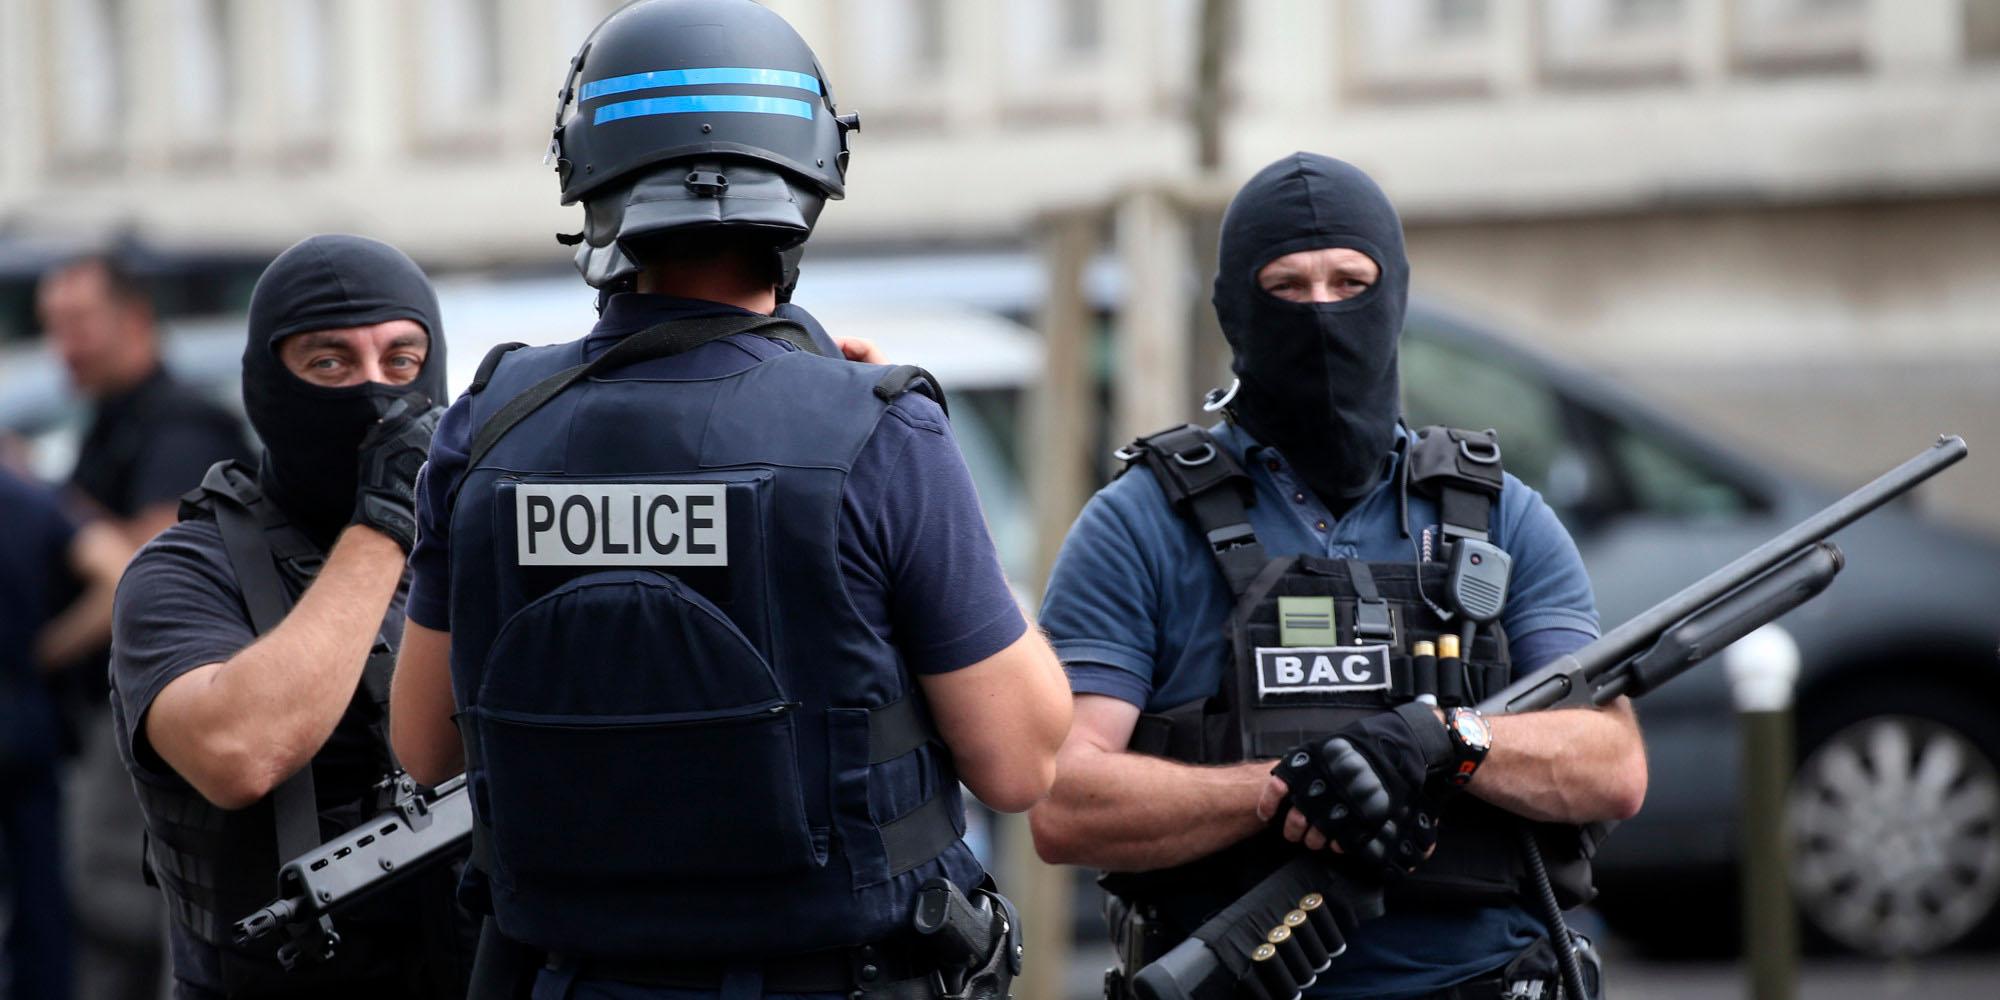 الشرطة السويسرية: مبنى المكتب القنصلي الأمريكي آمن والعبوة المريبة غير ضارة